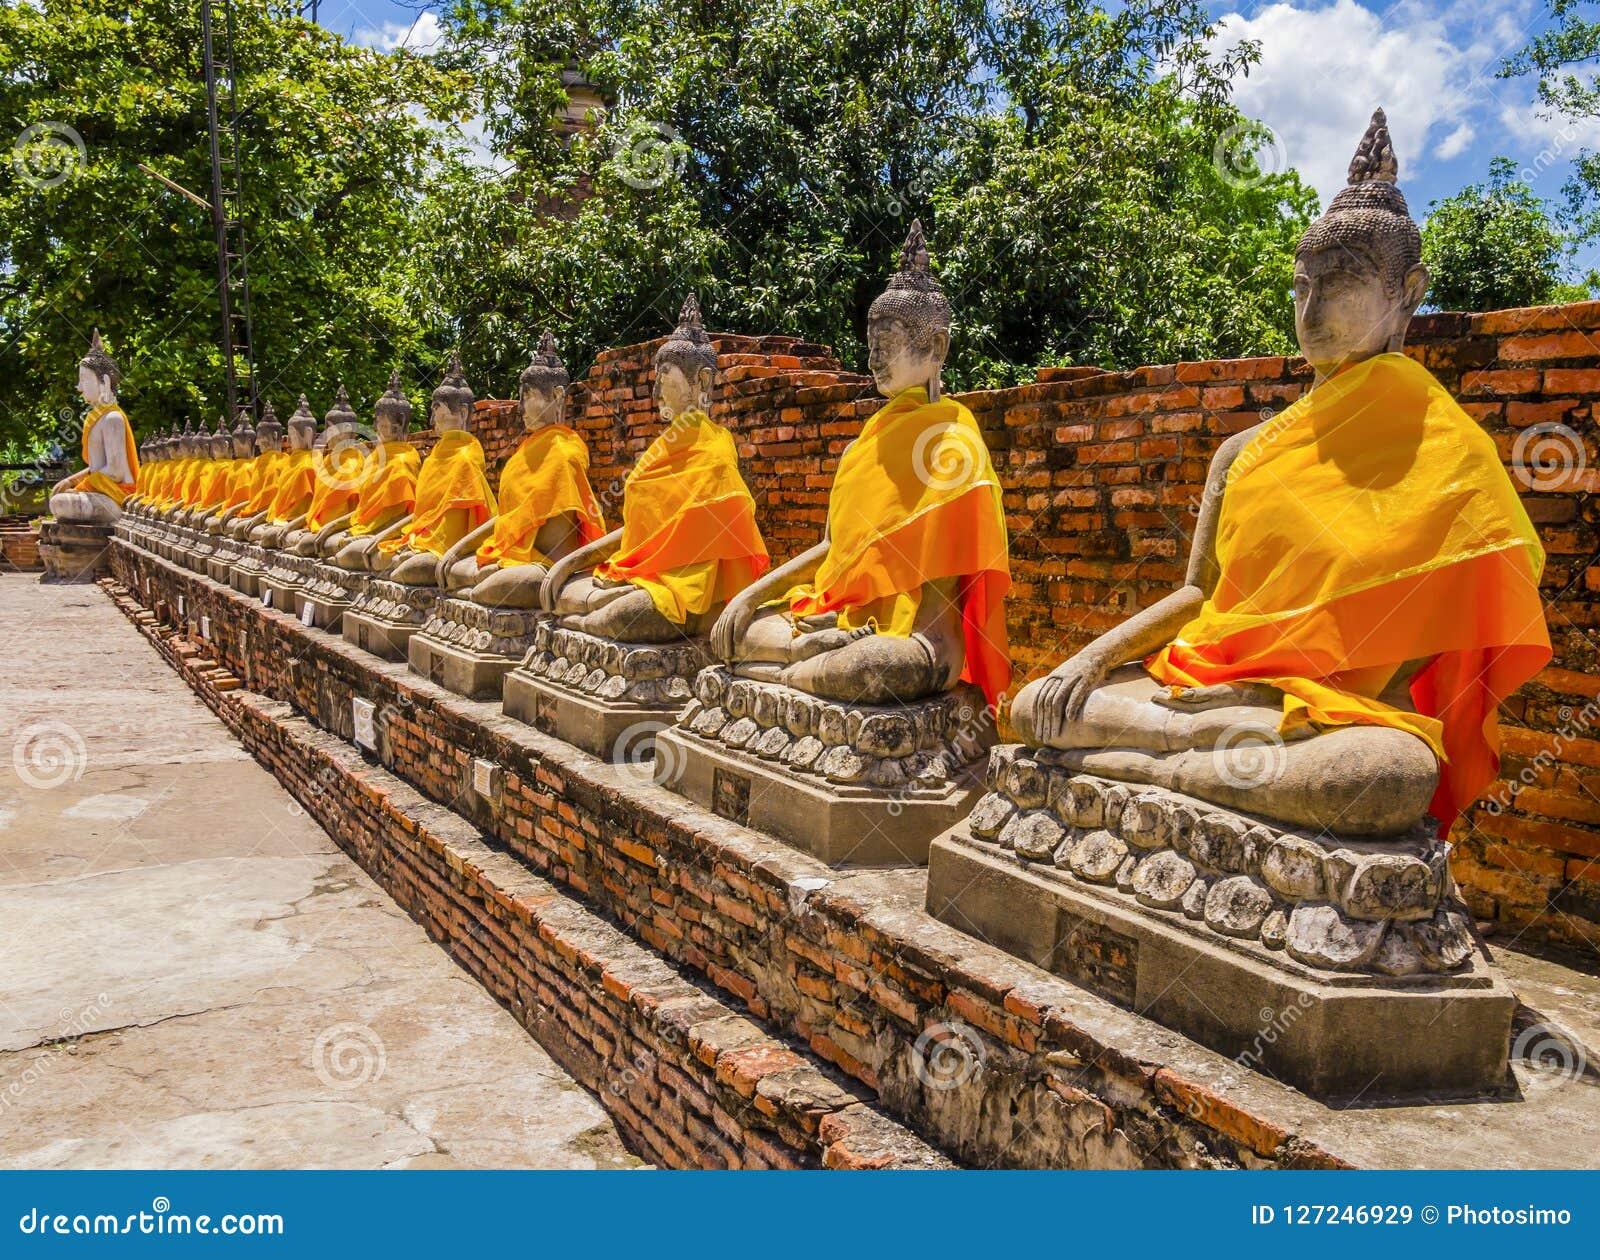 Rij van de standbeelden van Boedha met oranje robes in de oude Tempel van Ayutthaya